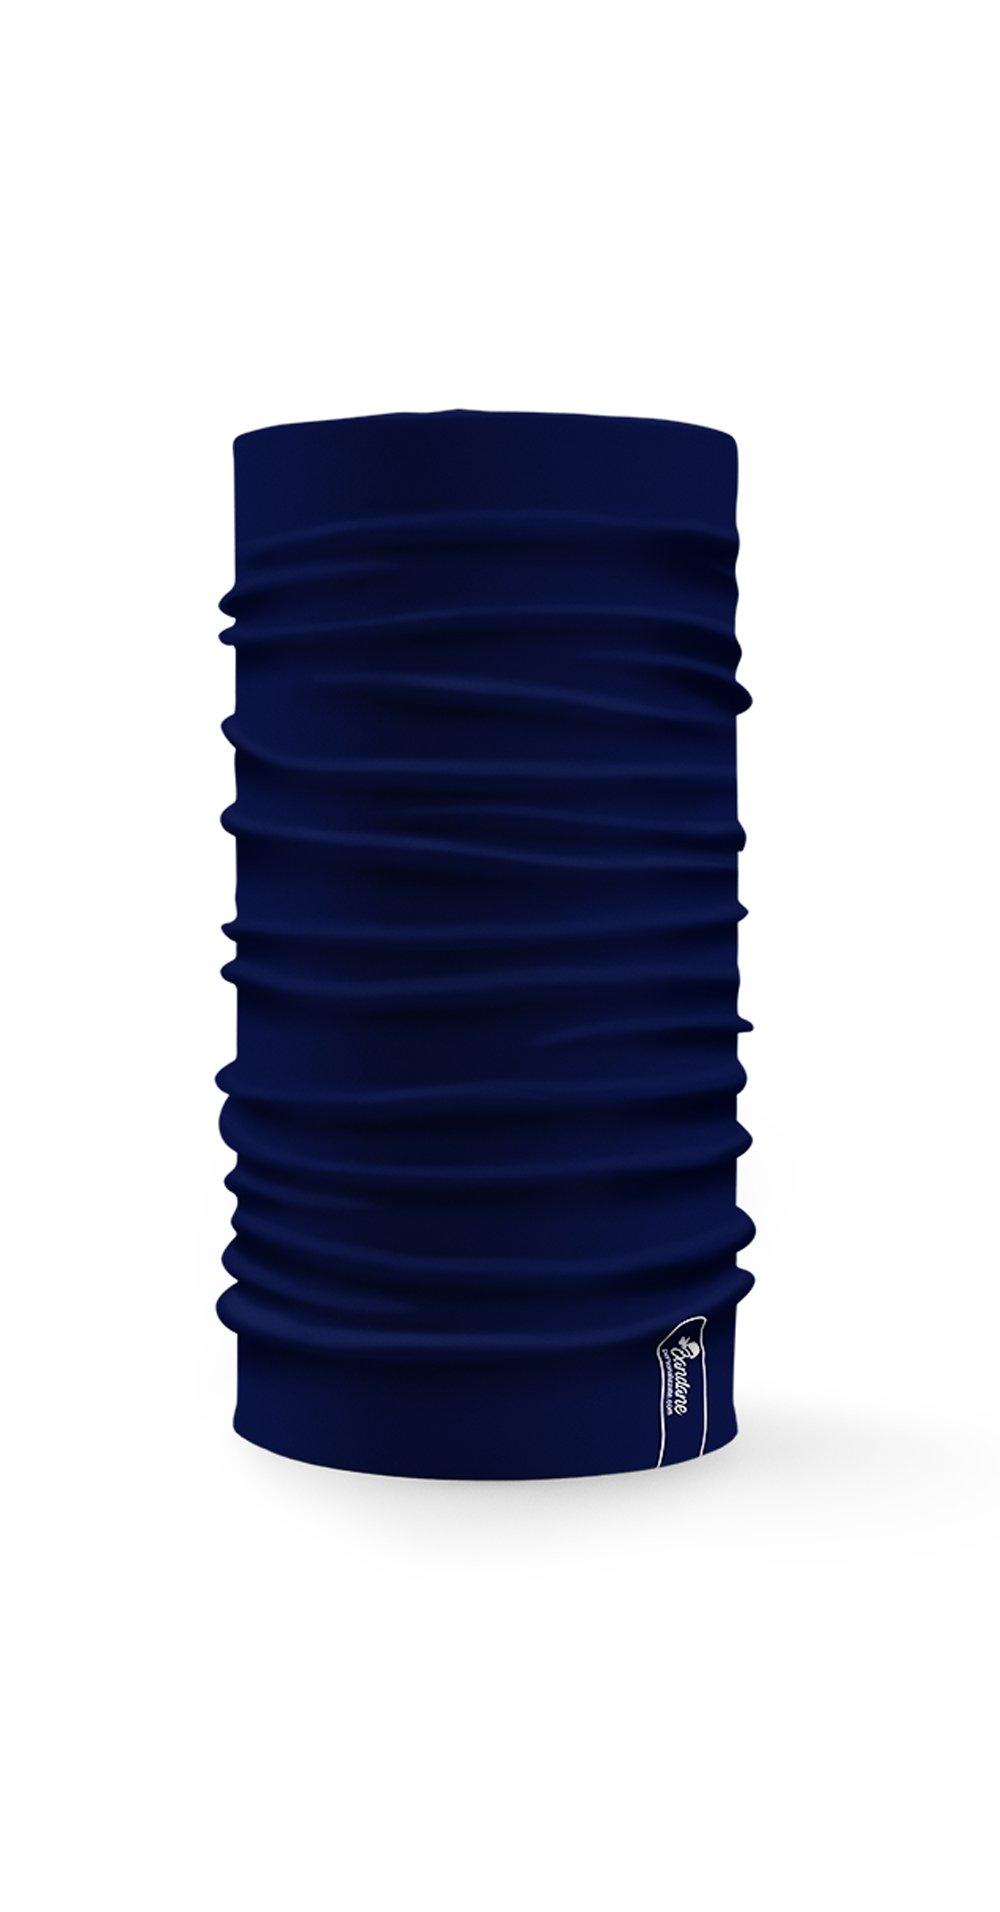 Bandana Multifunzione Con Colore Blu Navy A Tinta Unita